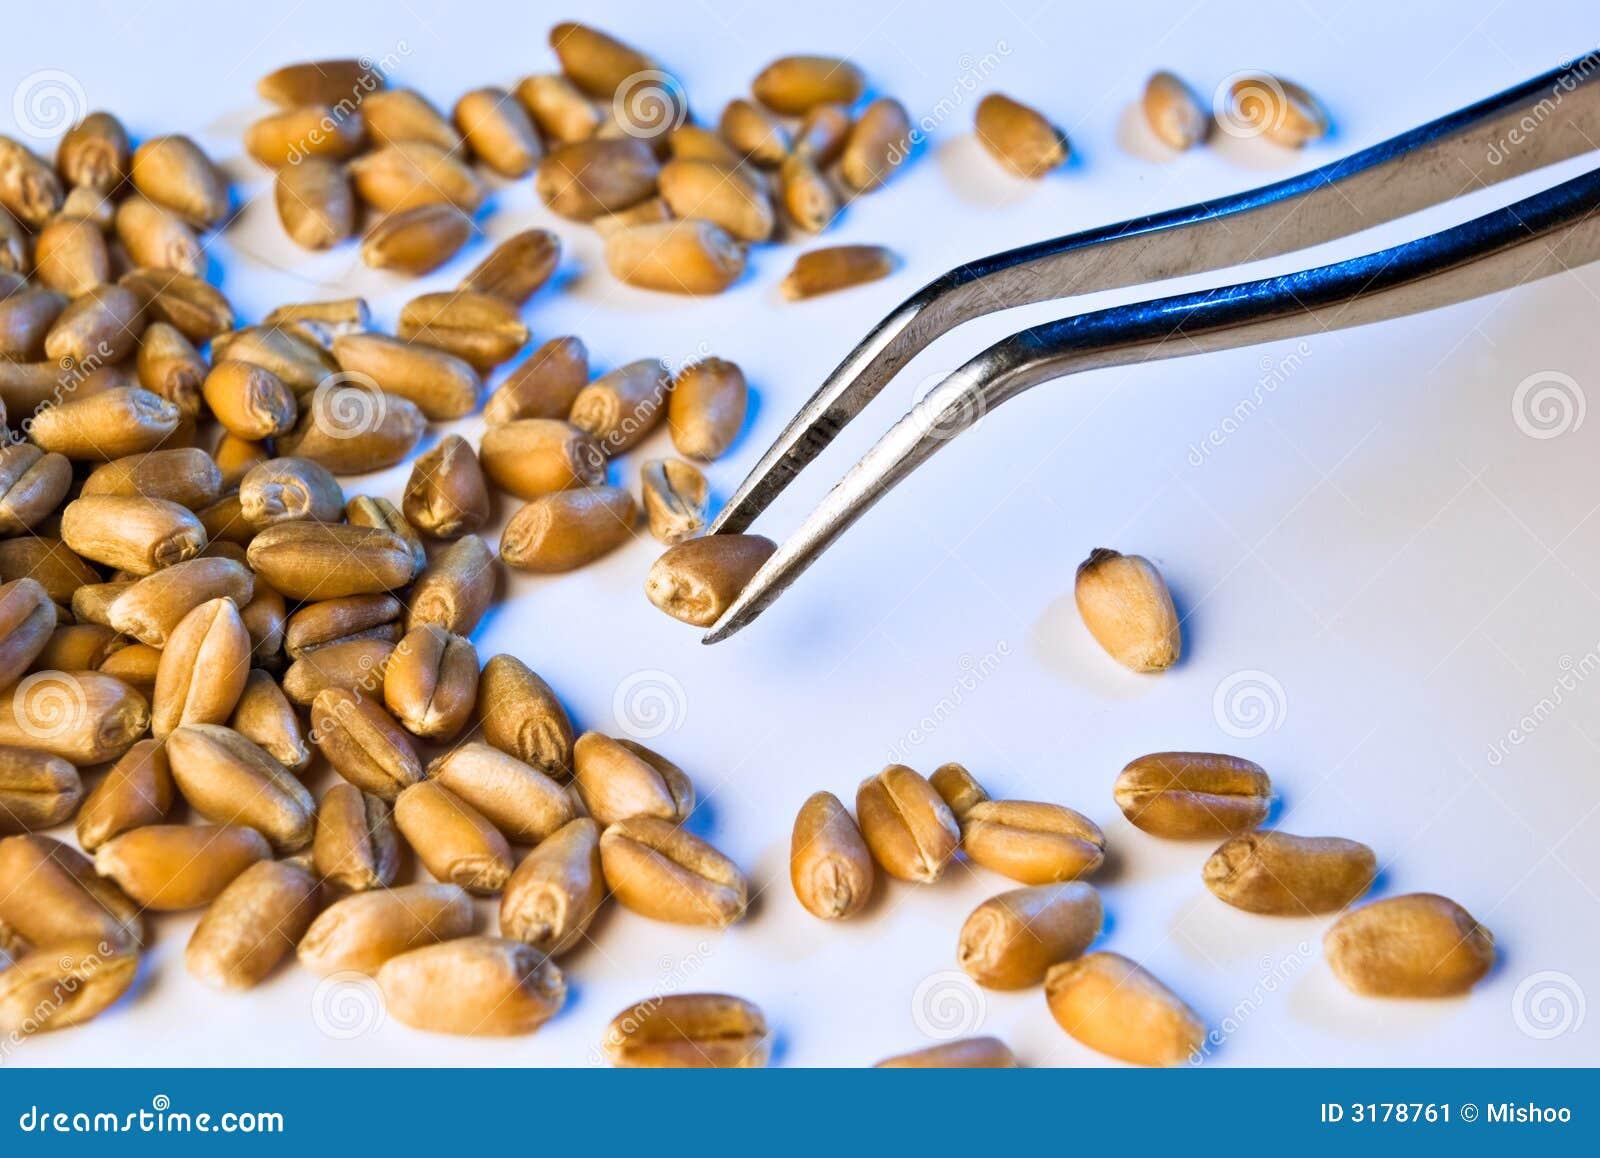 Seme sulle pinzette